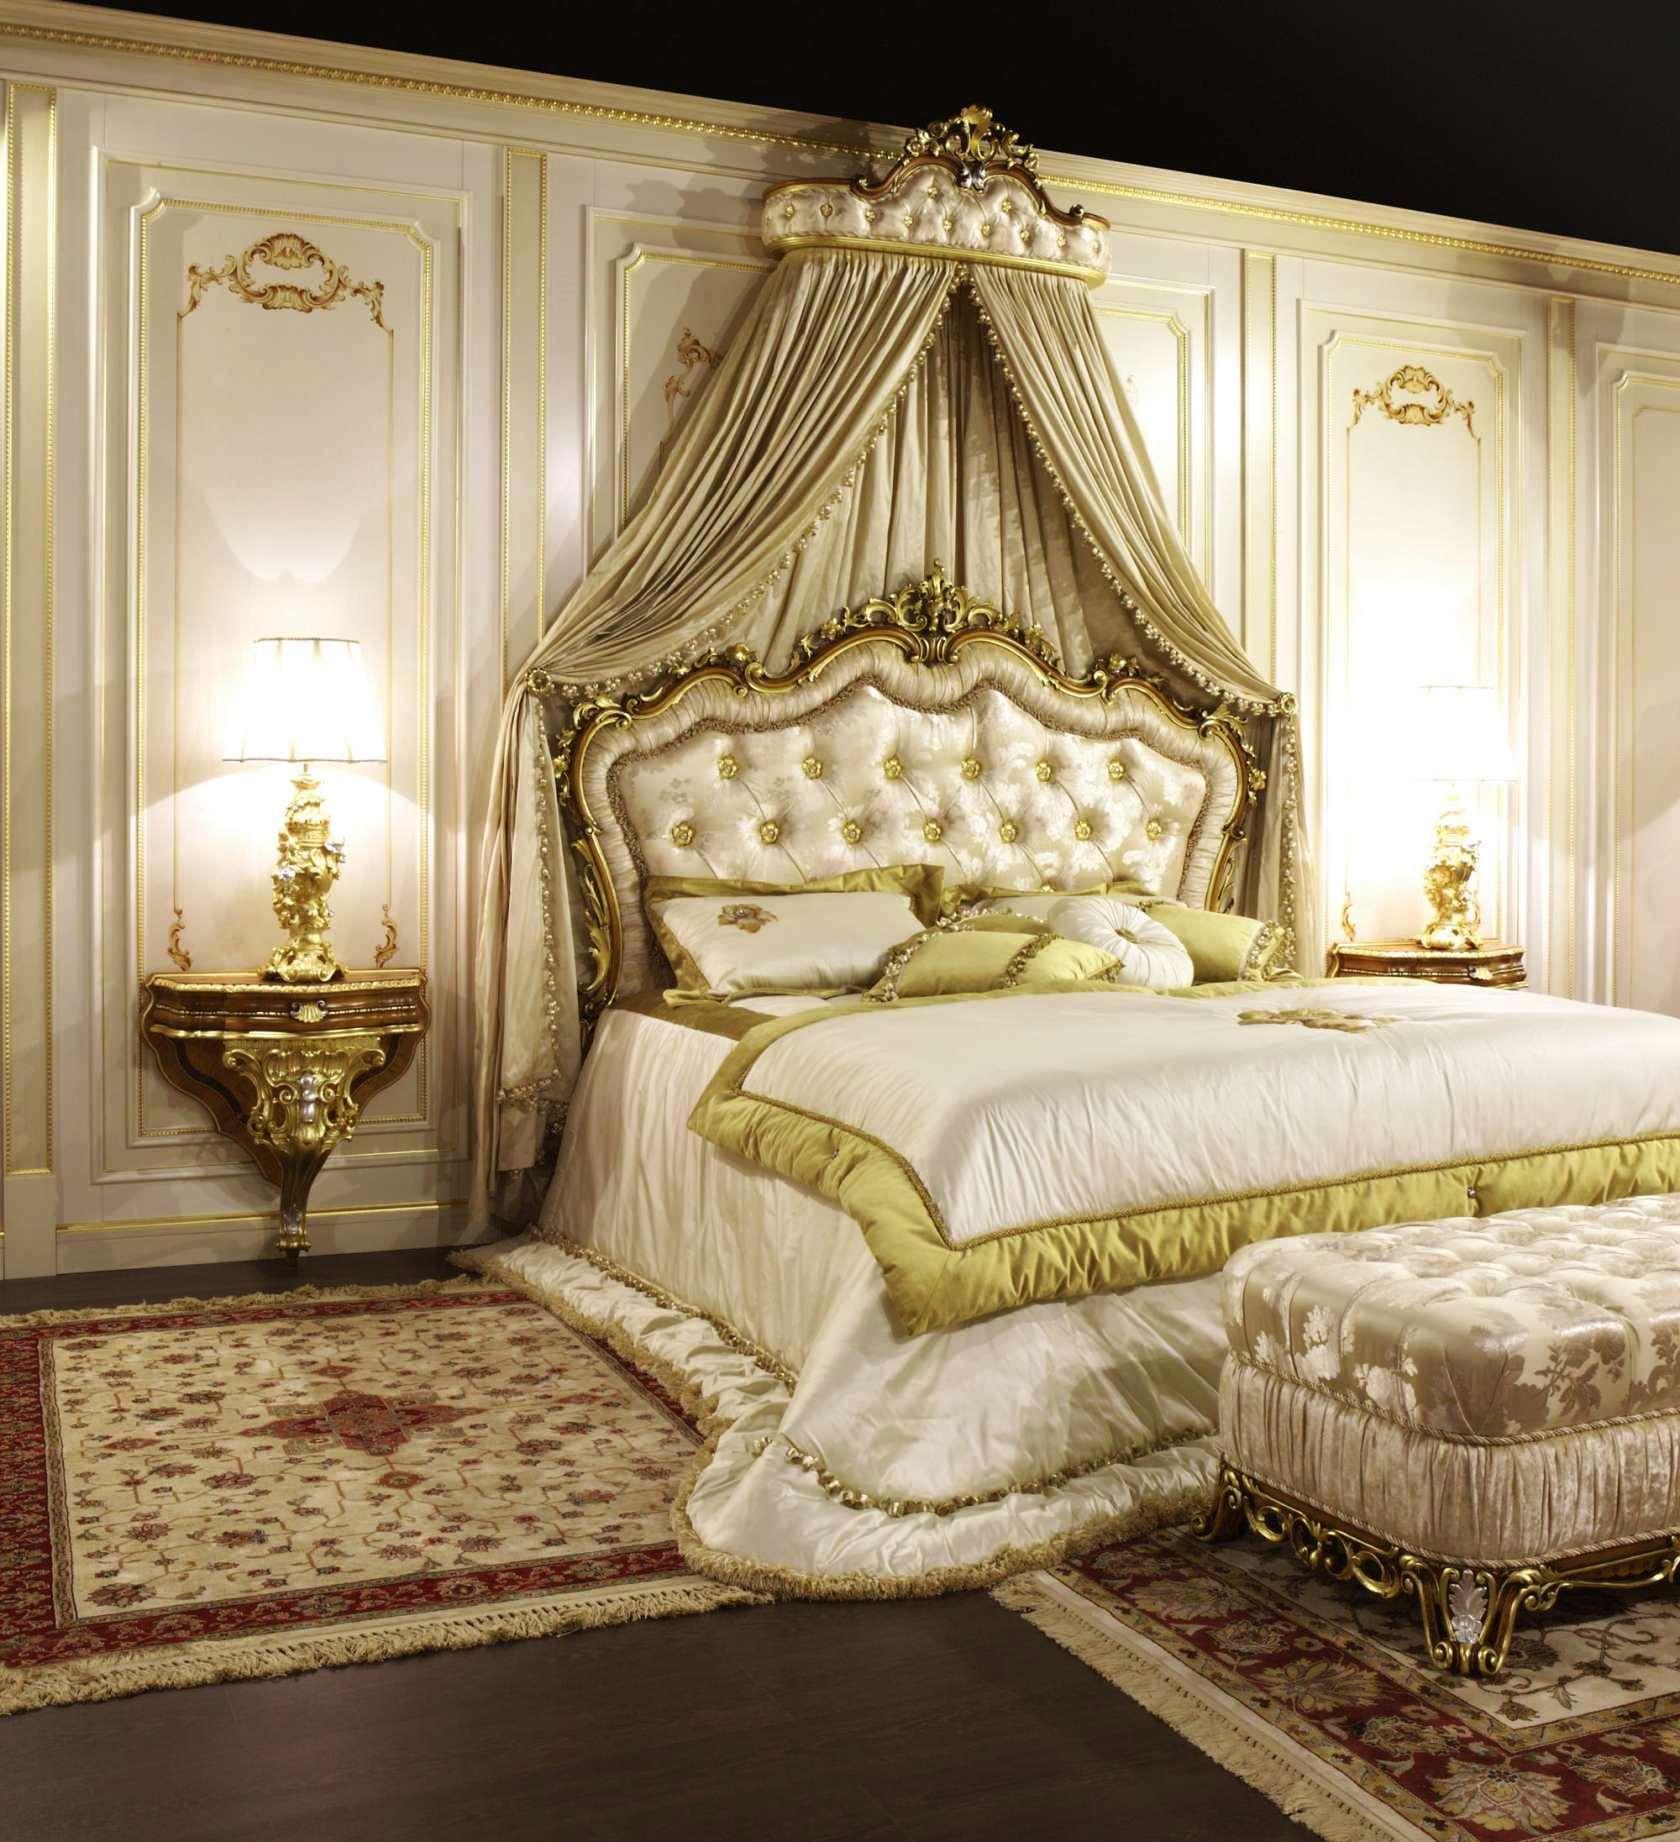 Роскошный золотистый балдахин над кроватью